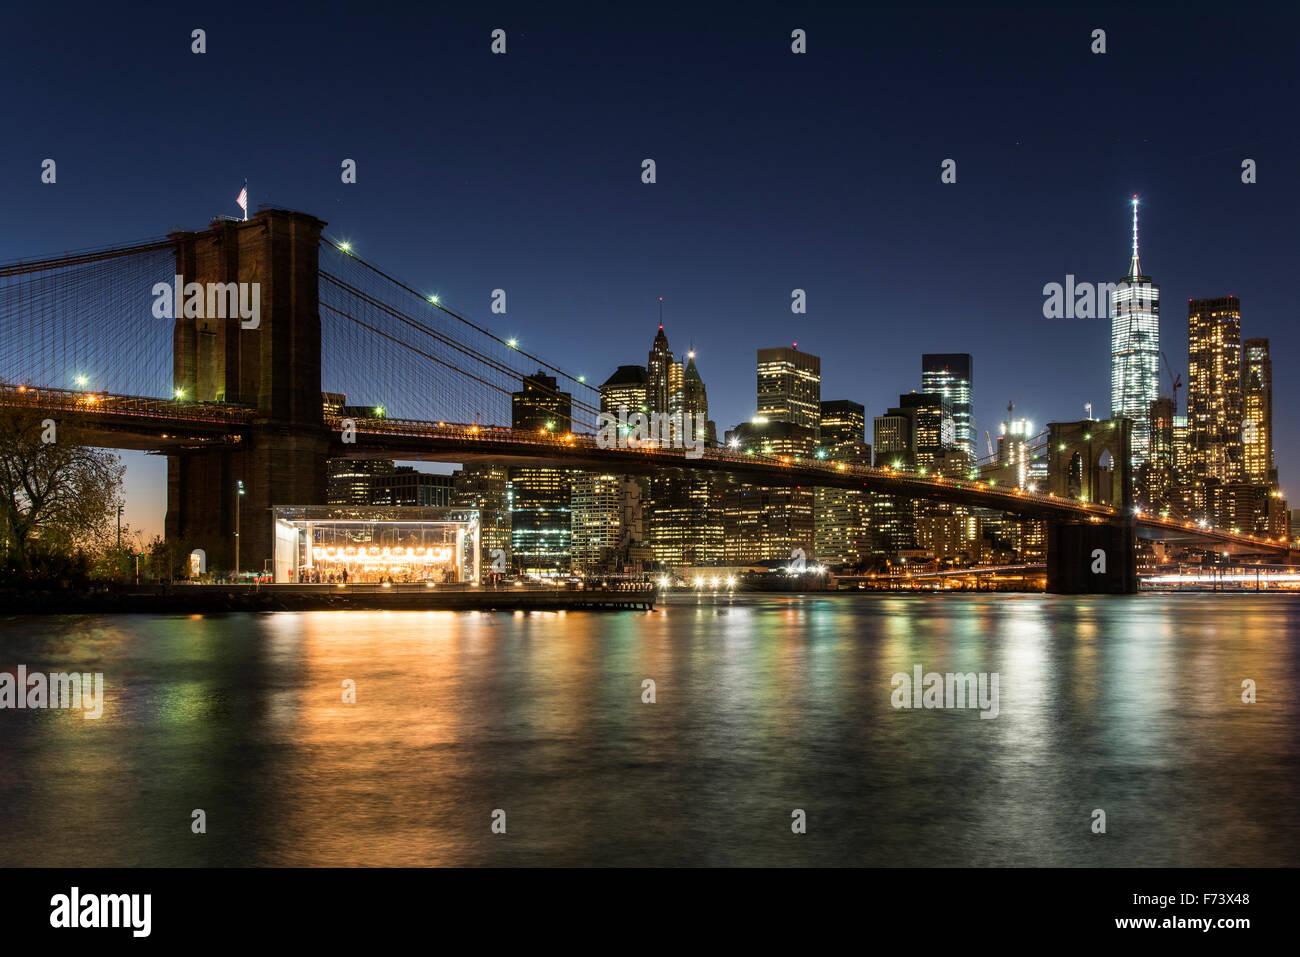 Vista notturna del Ponte di Brooklyn con inferiore dello skyline di Manhattan e Brooklyn, New York, Stati Uniti Immagini Stock